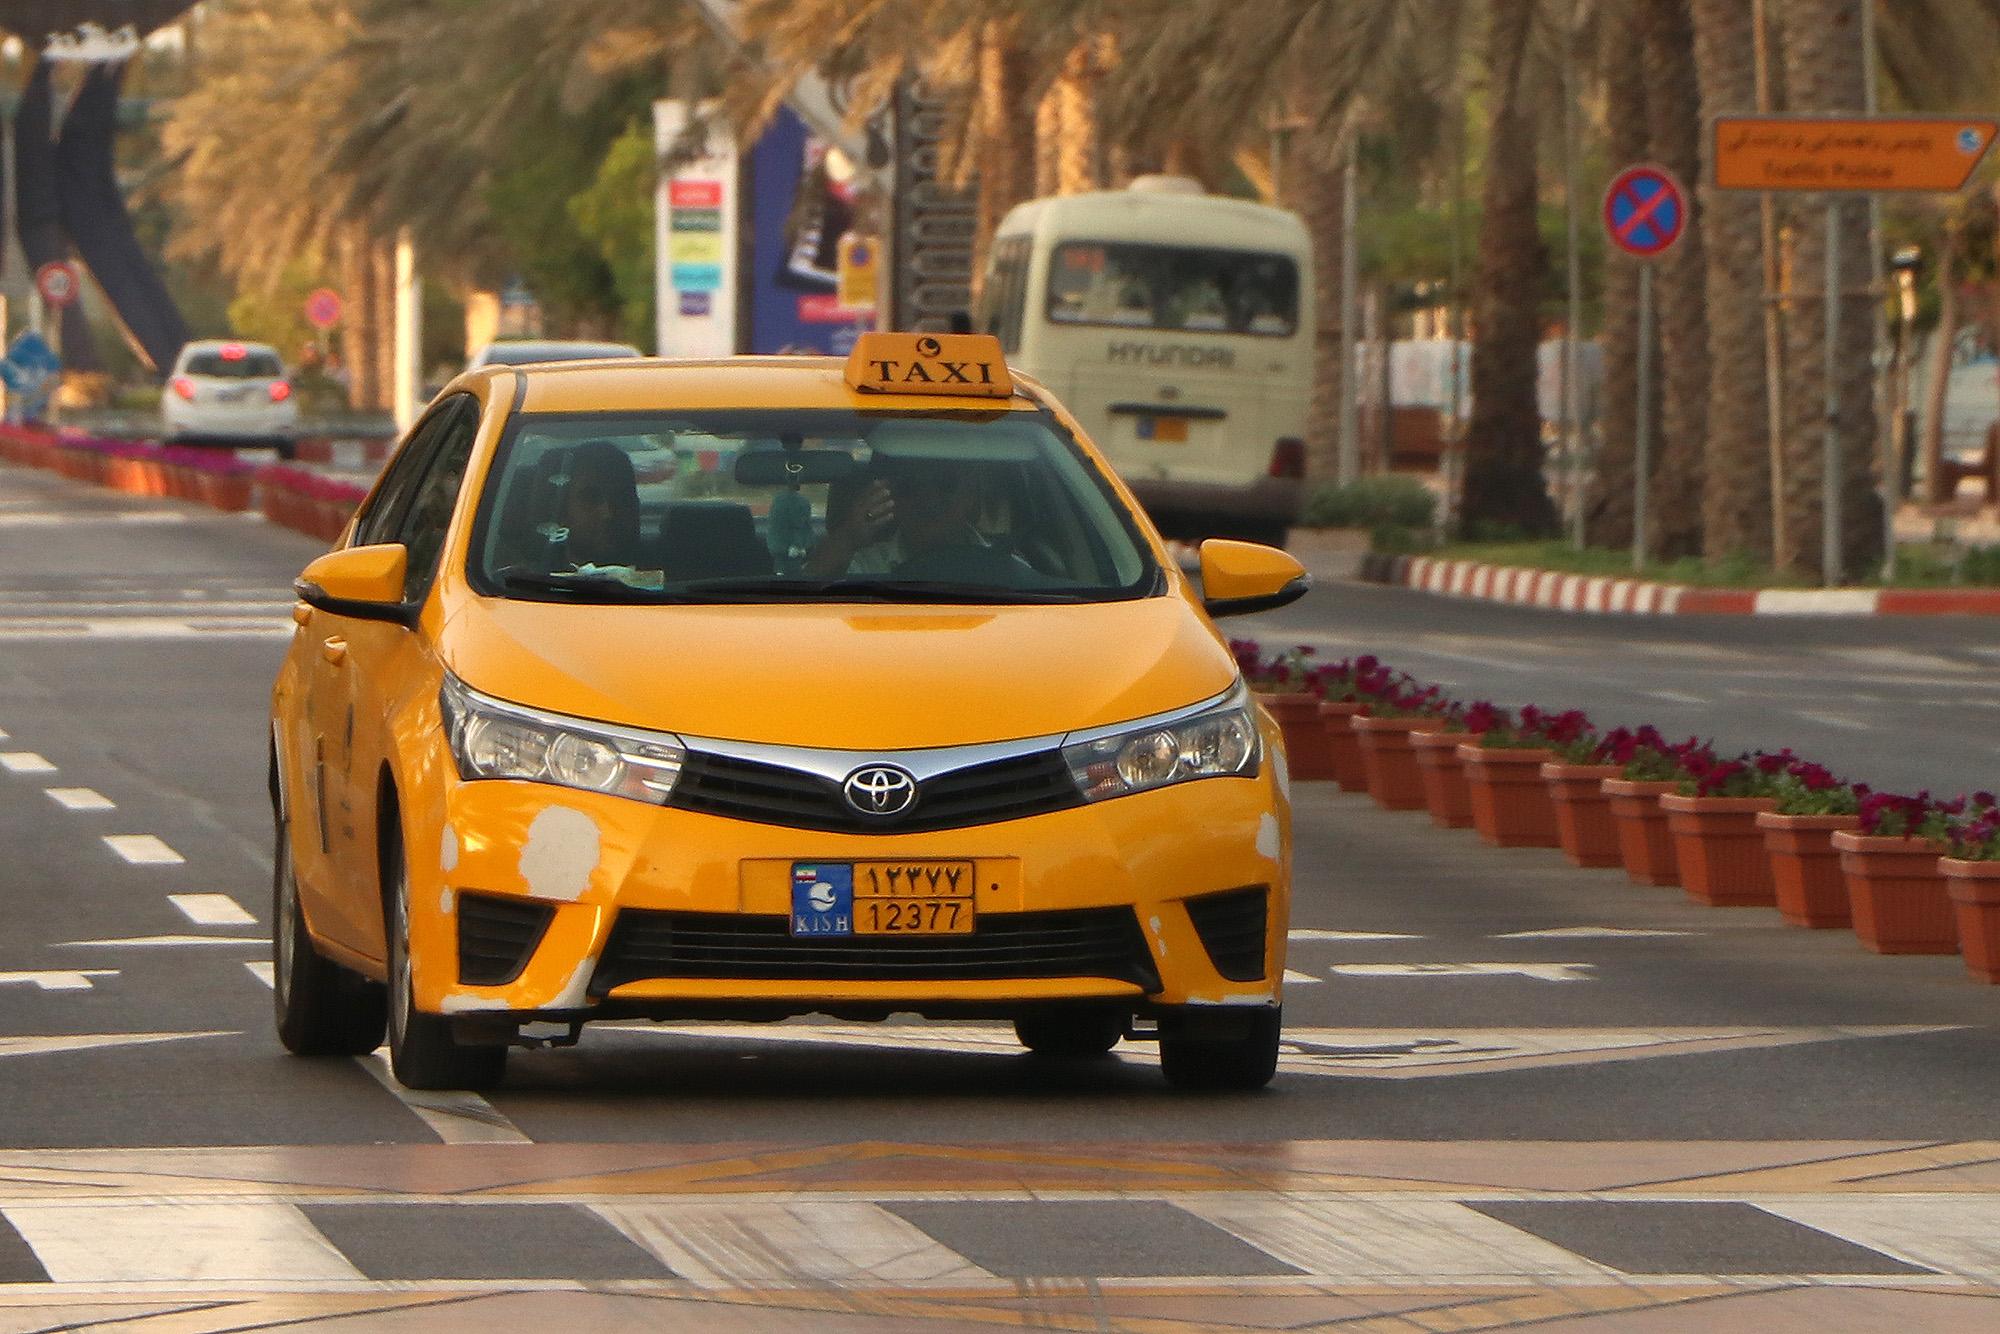 ابطال پروانه تاکسیرانی و مجوز تاکسی راننده متخلف در کیش